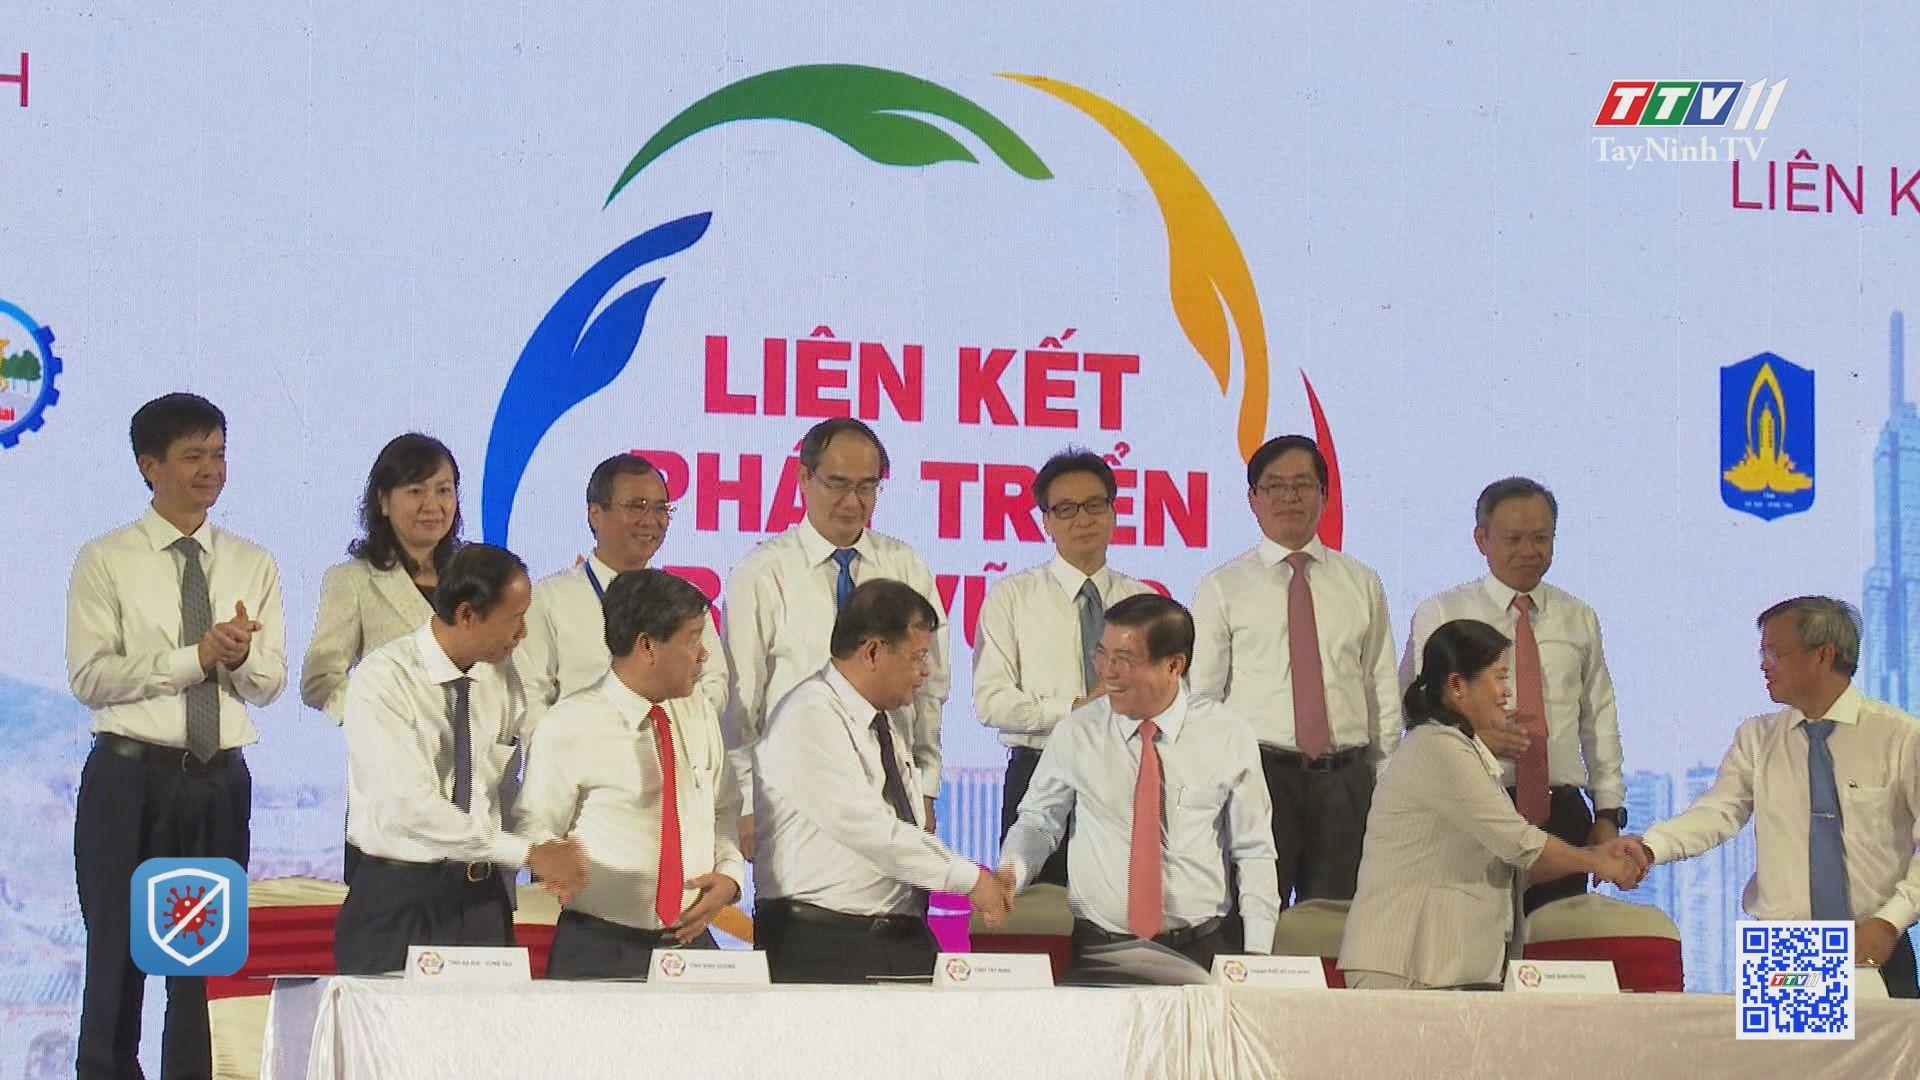 Những thành tựu kinh tế của Tây Ninh trong 5 năm qua | TIẾNG NÓI CỬ TRI | TayNinhTV